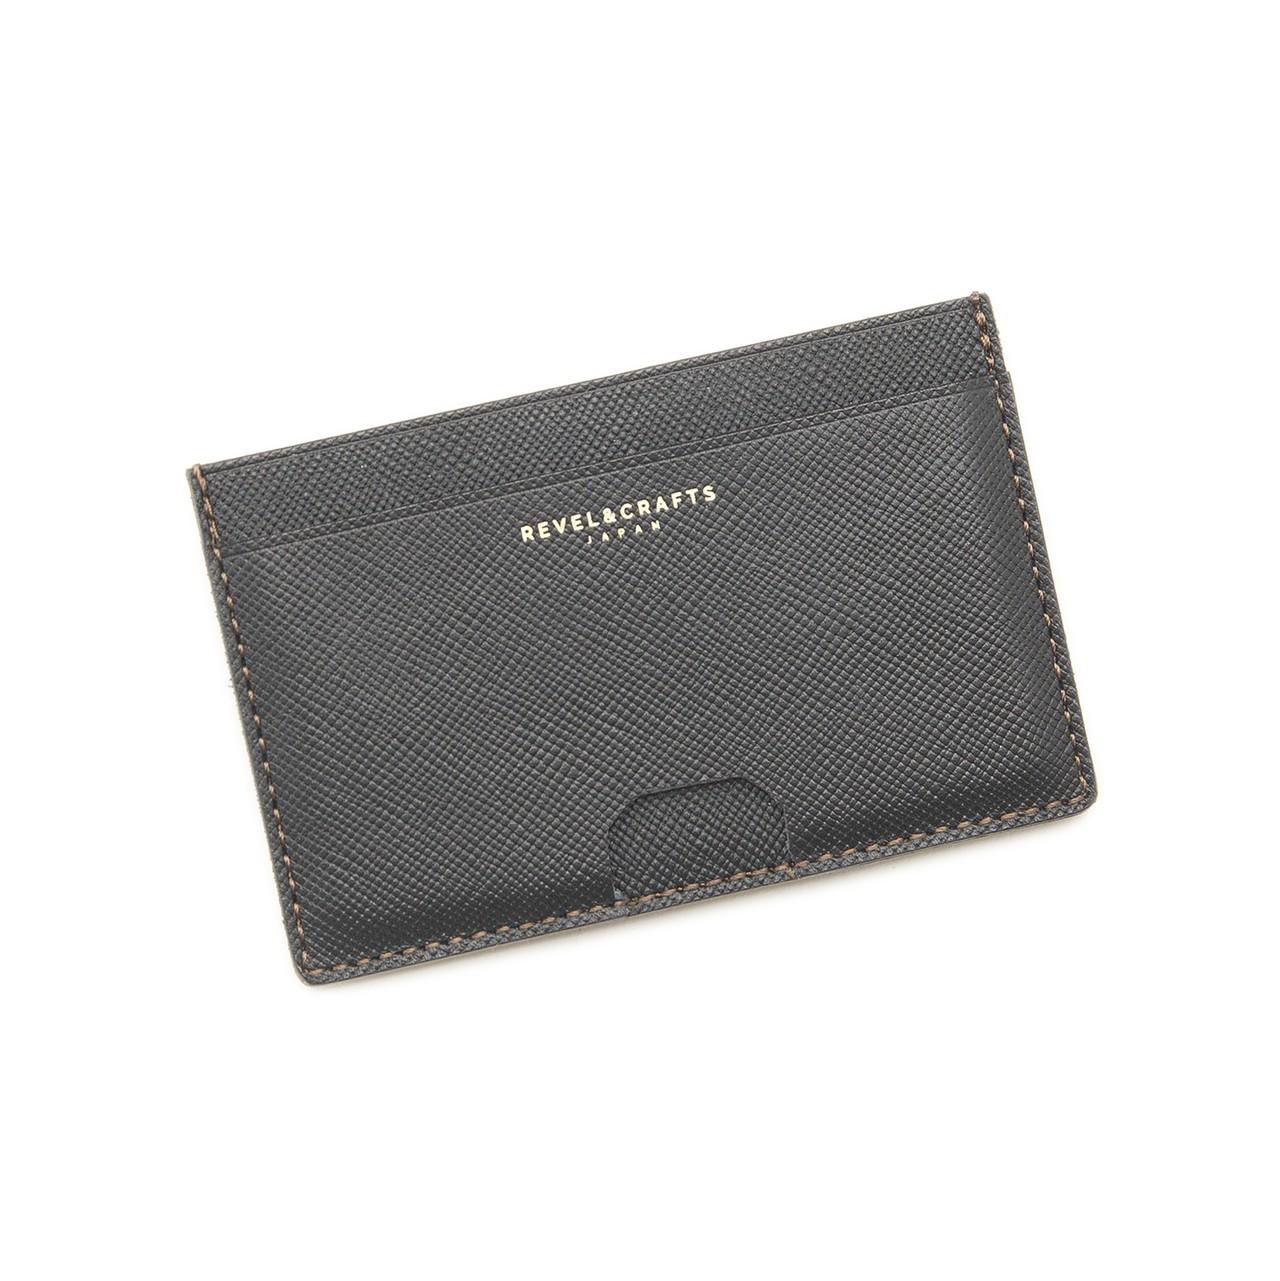 マネークリップ薄型カードウォレット-FLAT CARD WALLET ブラック